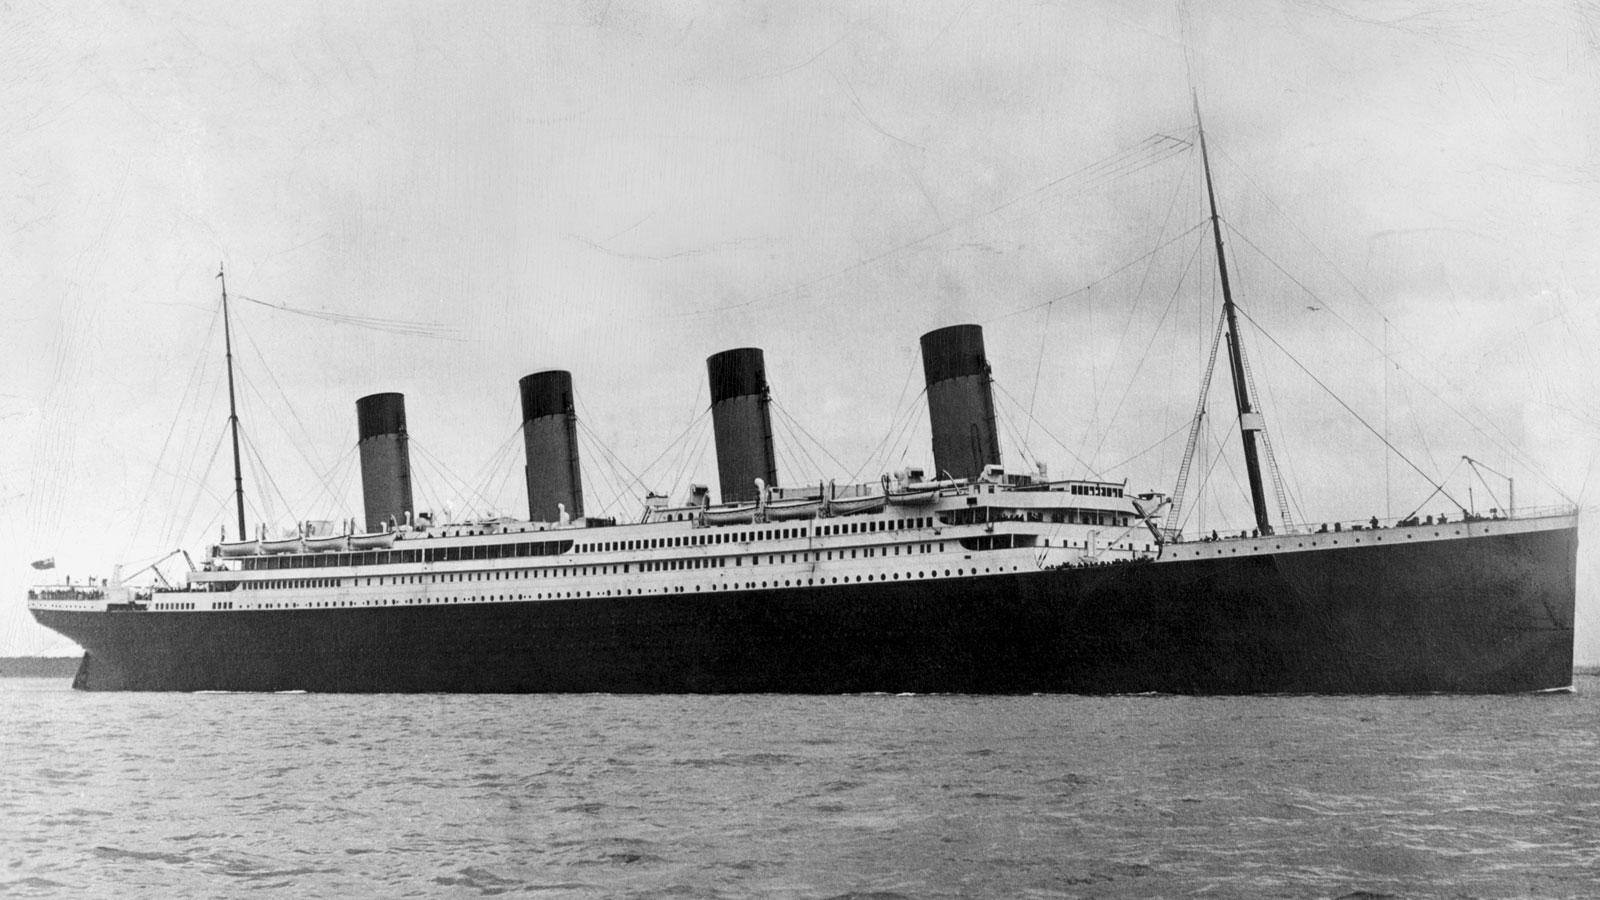 Nghiên cứu hé lộ nguyên nhân thật sự đằng sau thảm kịch đắm tàu Titanic - Ảnh 1